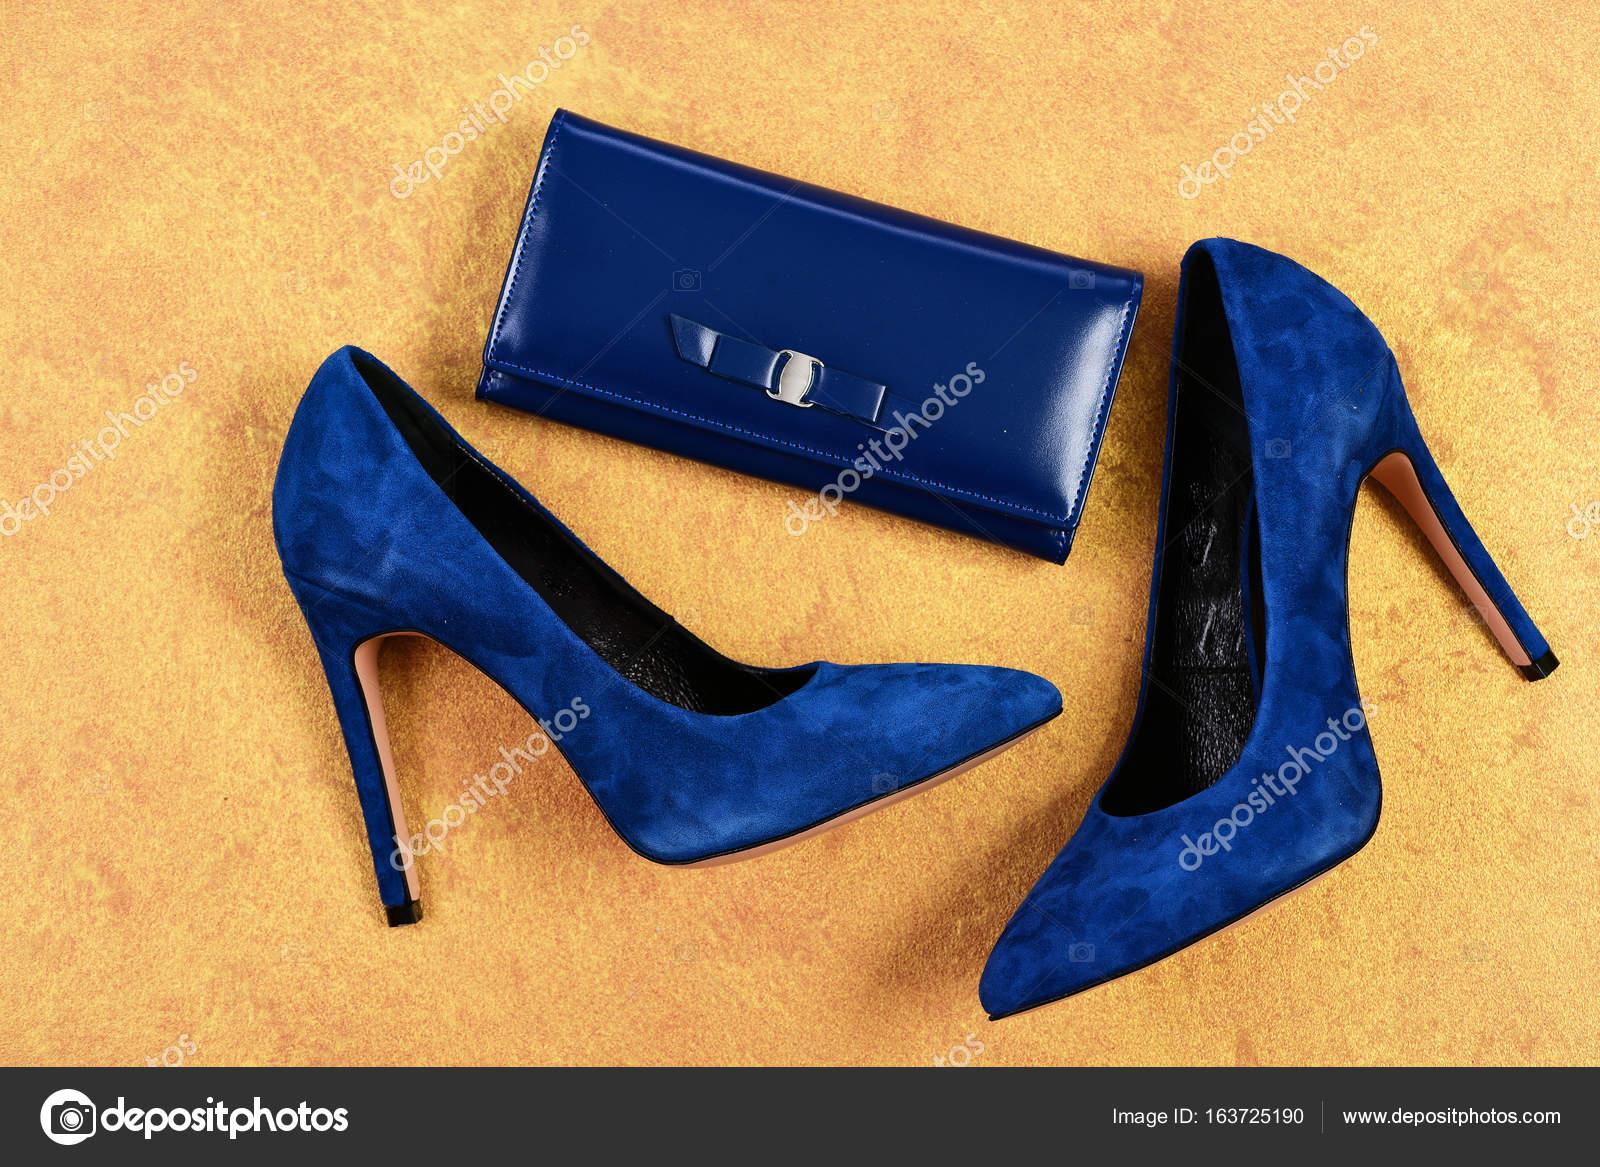 70e6c8b3d8 Sapatos e embreagem na cor azul escuro. Calçado de salto alto e acessórios  em fundo laranja desbotado. Par de sapatos feminino camurça chique